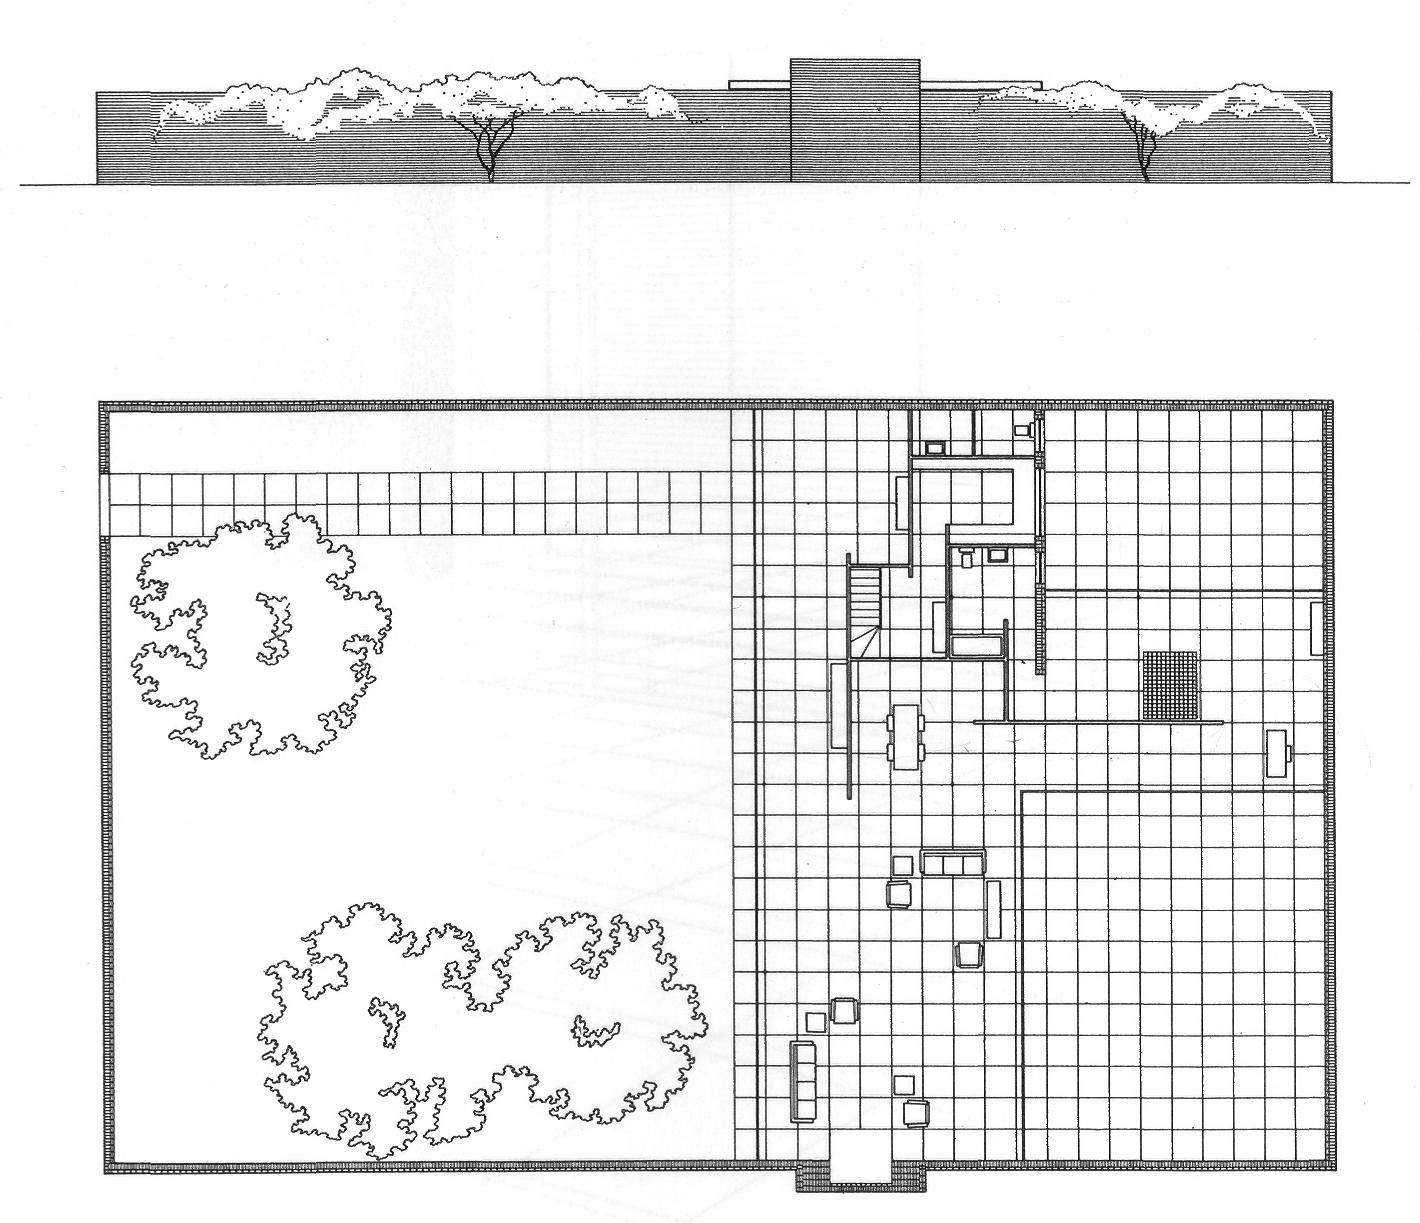 Casa con tres patios, Mies van der Rohe, 1934 (dibujo 1939). Planta y alzado